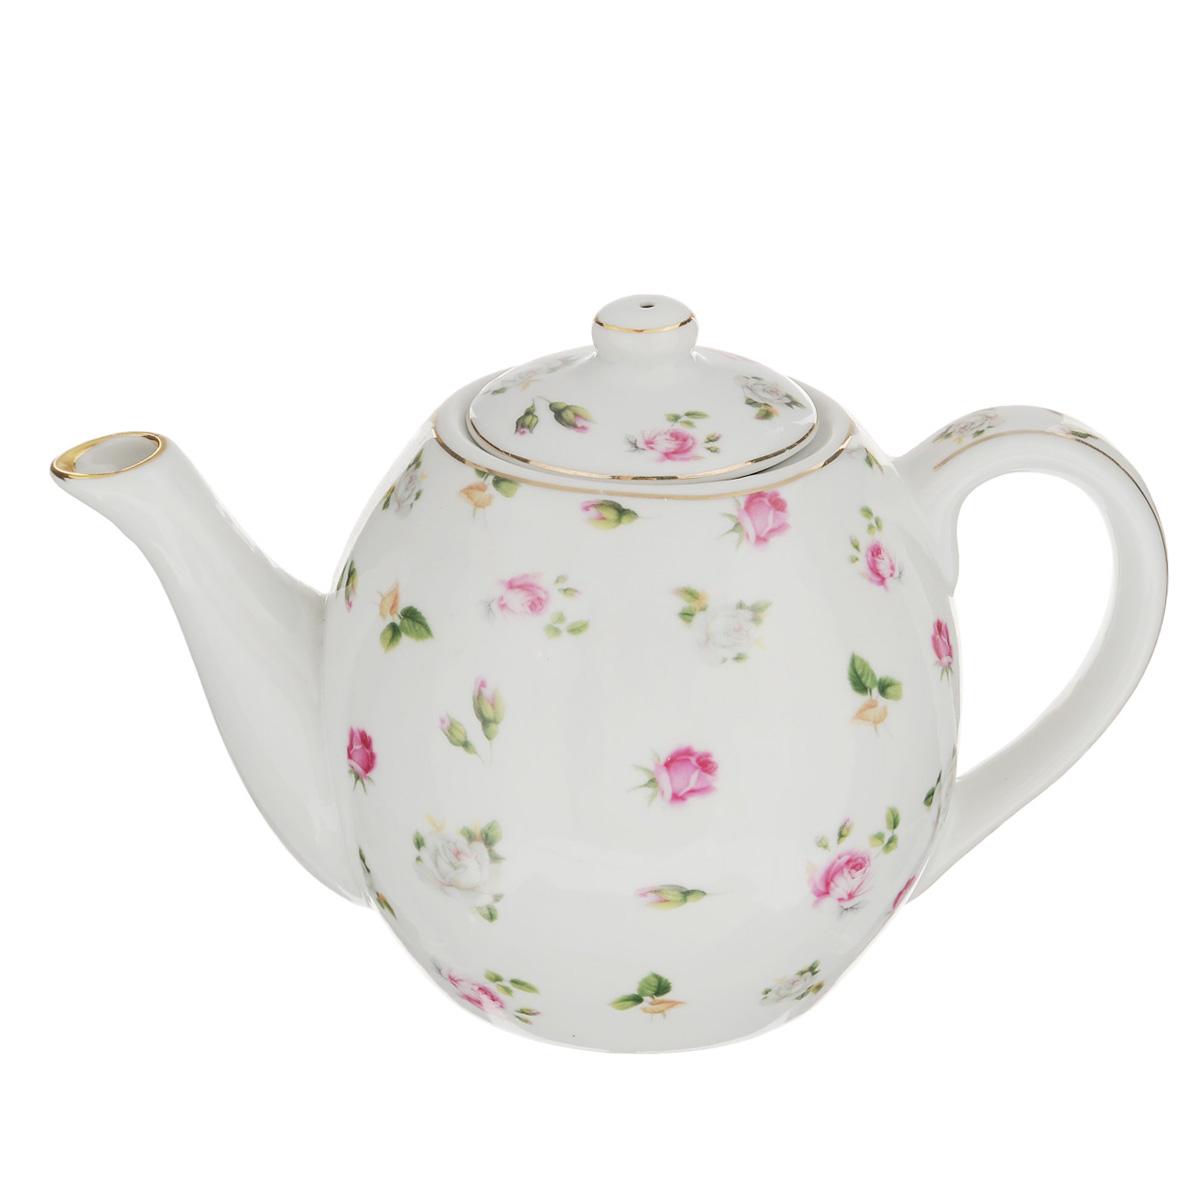 Чайник заварочный Briswild Валери, 650 мл543-288Заварочный чайник Briswild Валери изготовлен из высококачественного фарфора и покрыт слоем сверкающей глазури. Посуда оформлена изысканным цветочным рисунком и эмалью золотистого цвета. Такой чайник прекрасно дополнит сервировку стола к чаепитию и станет его неизменным атрибутом. Не использовать в микроволновой печи. Объем: 650 мл. Диаметр (по верхнему краю): 7 см. Высота стенки (без учета крышки): 10 см.